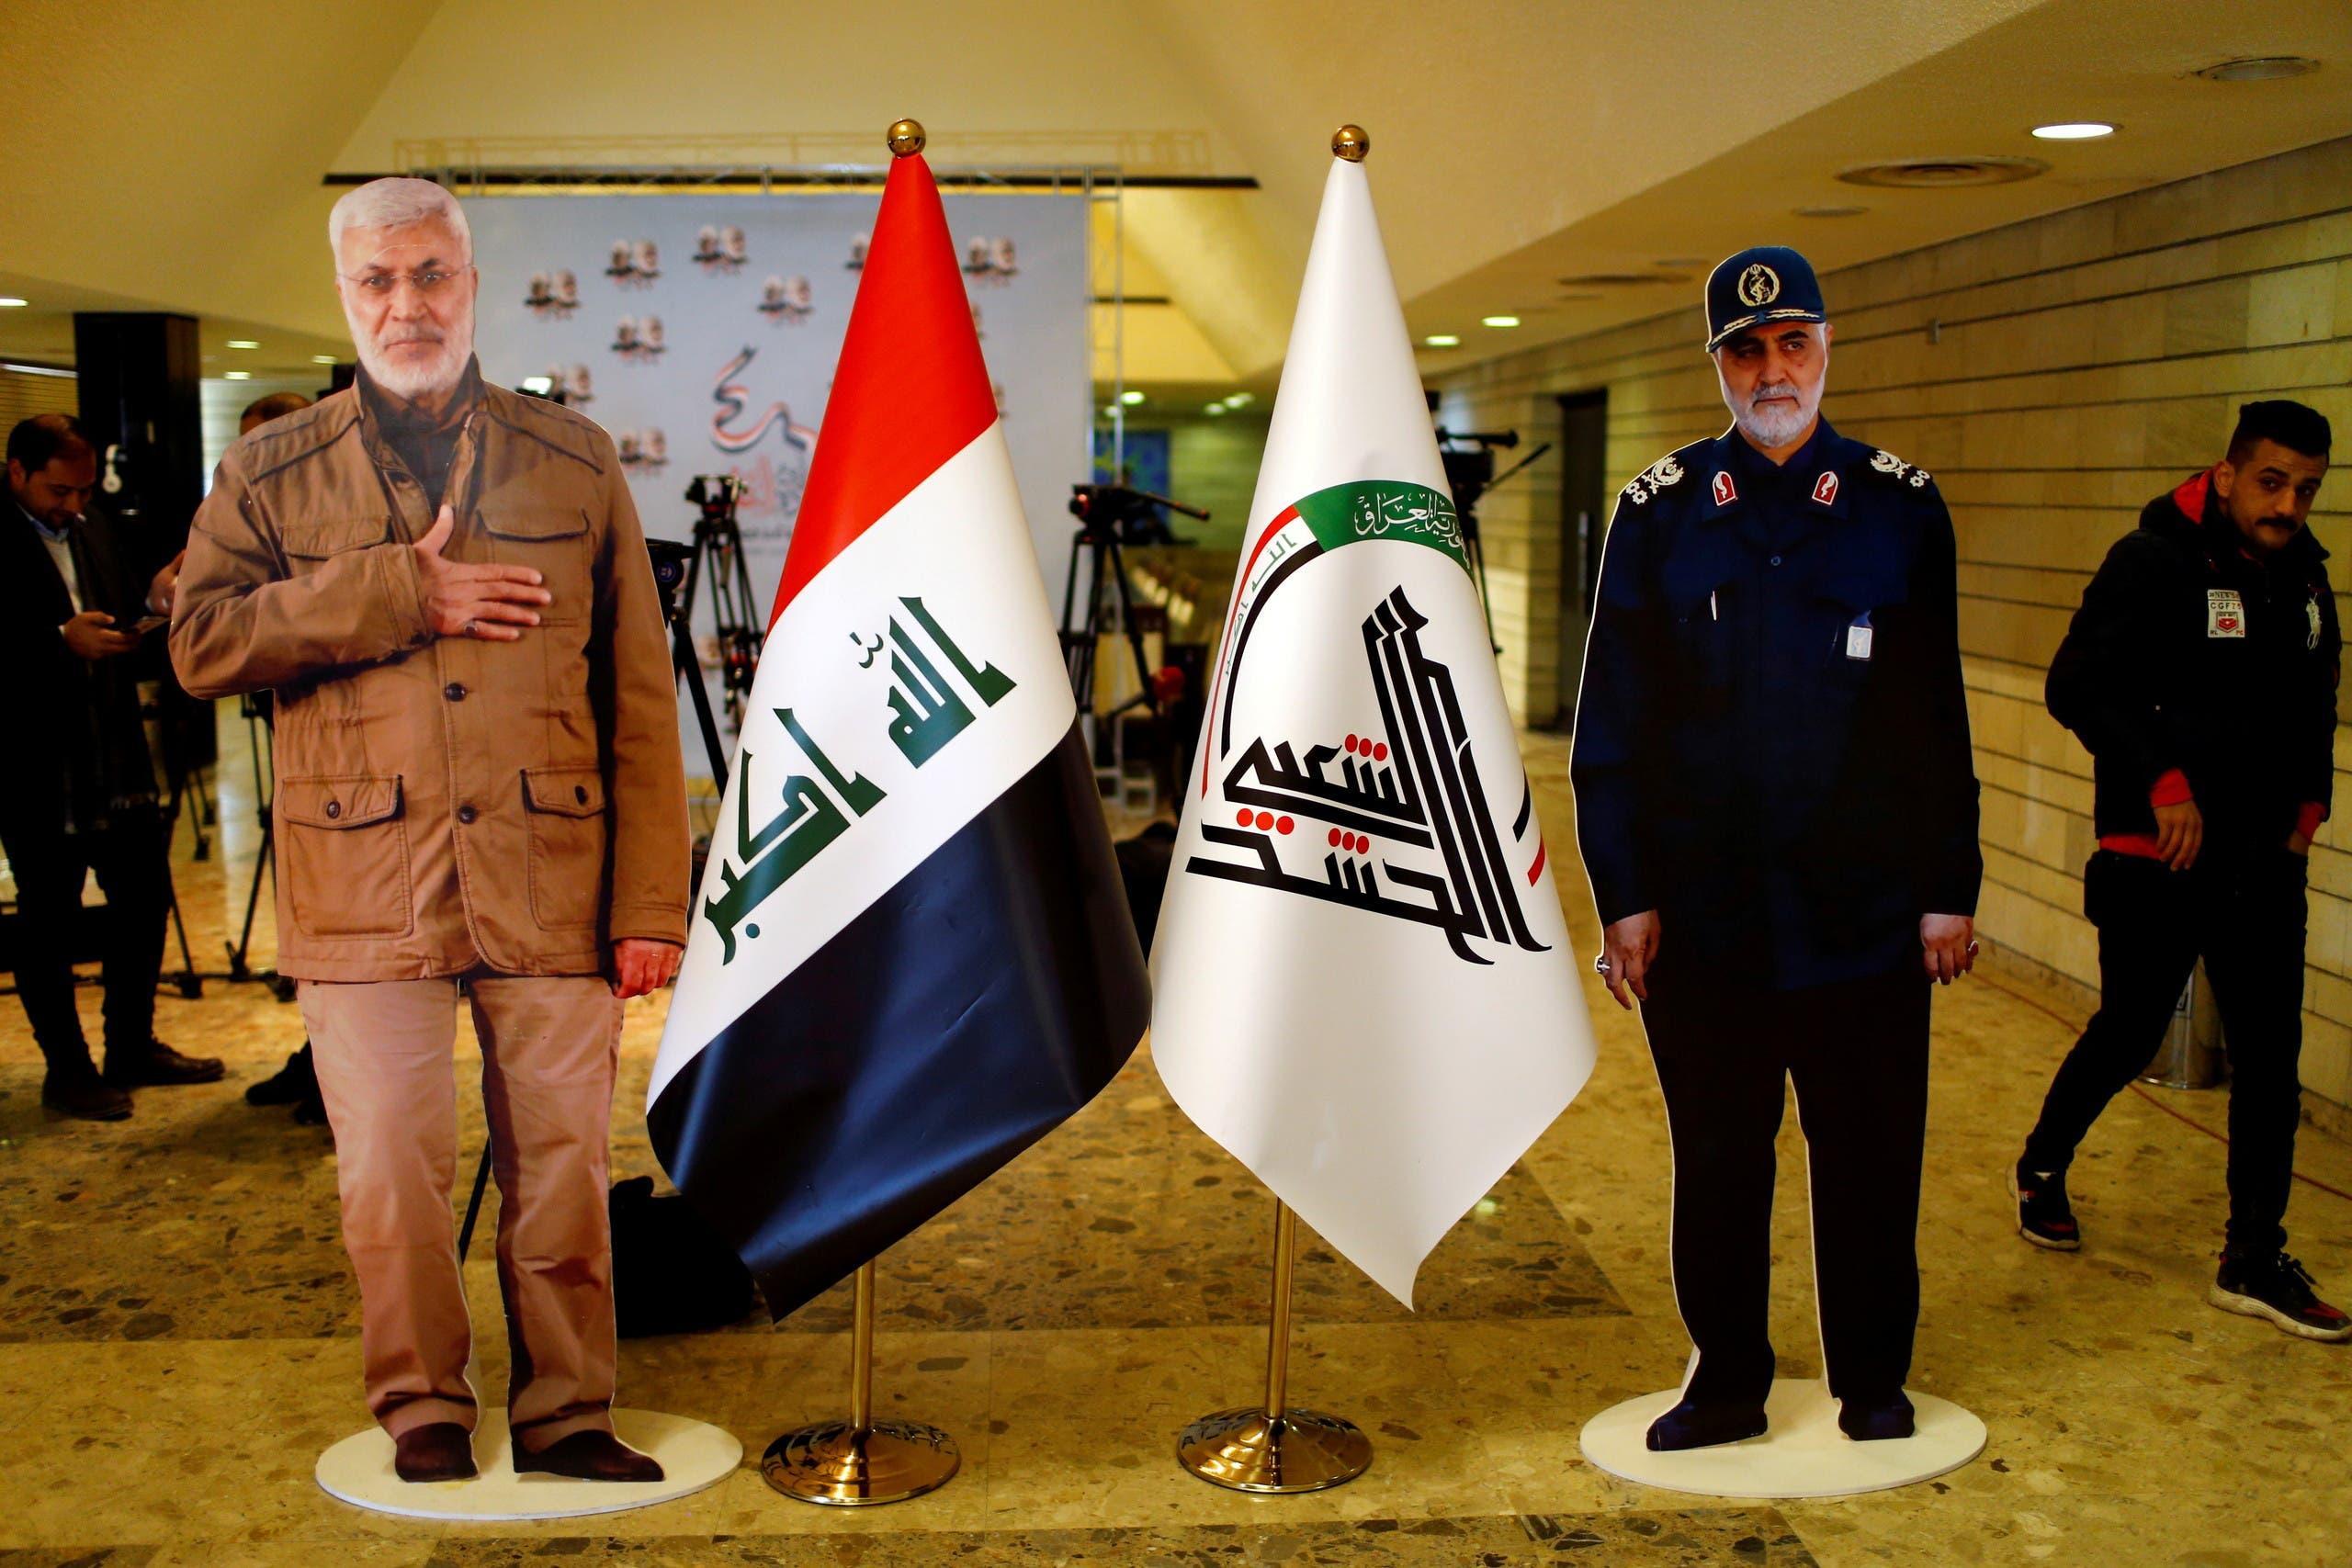 مجسمات لقاسم سليماني وأو مهدي المهندس مع قرب الذكرى الأولى لمقتلهم في غارة أميركية